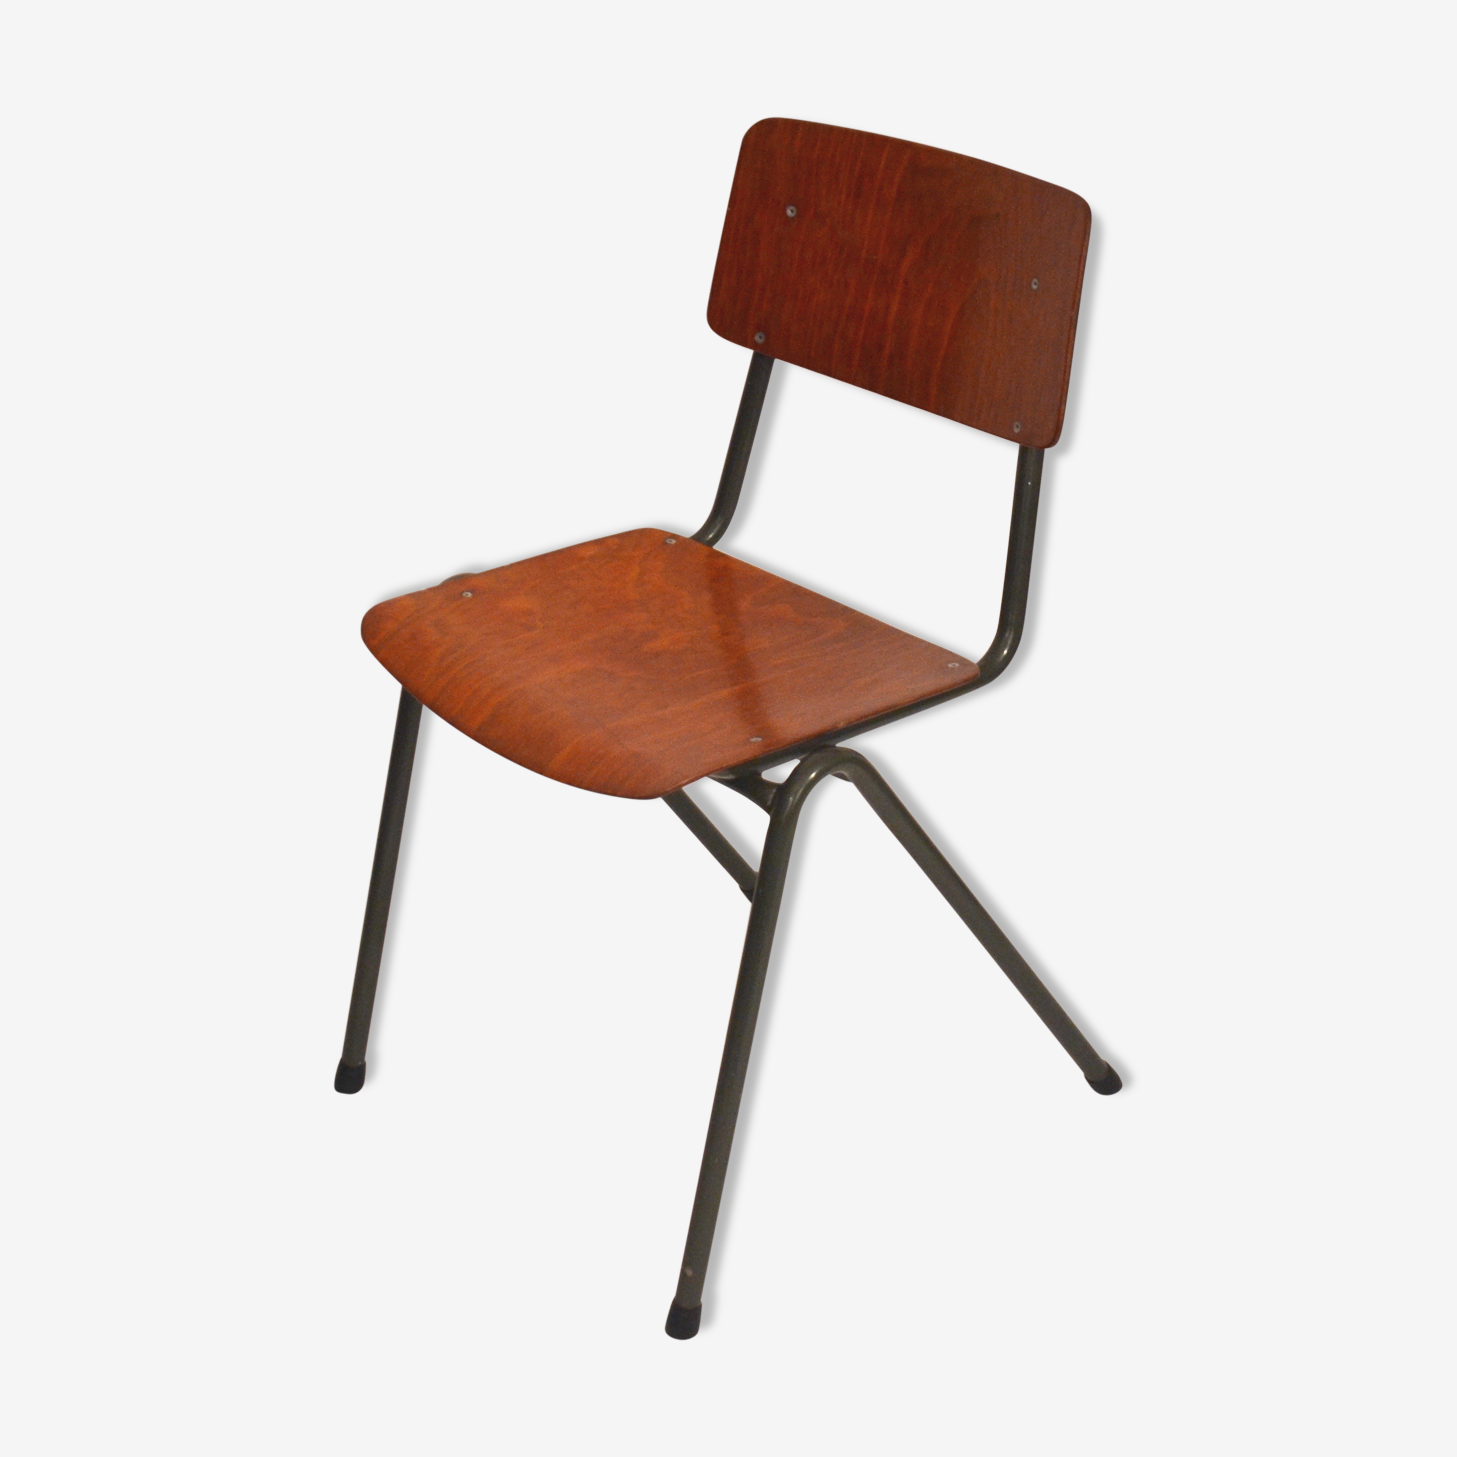 Dutch school Chair